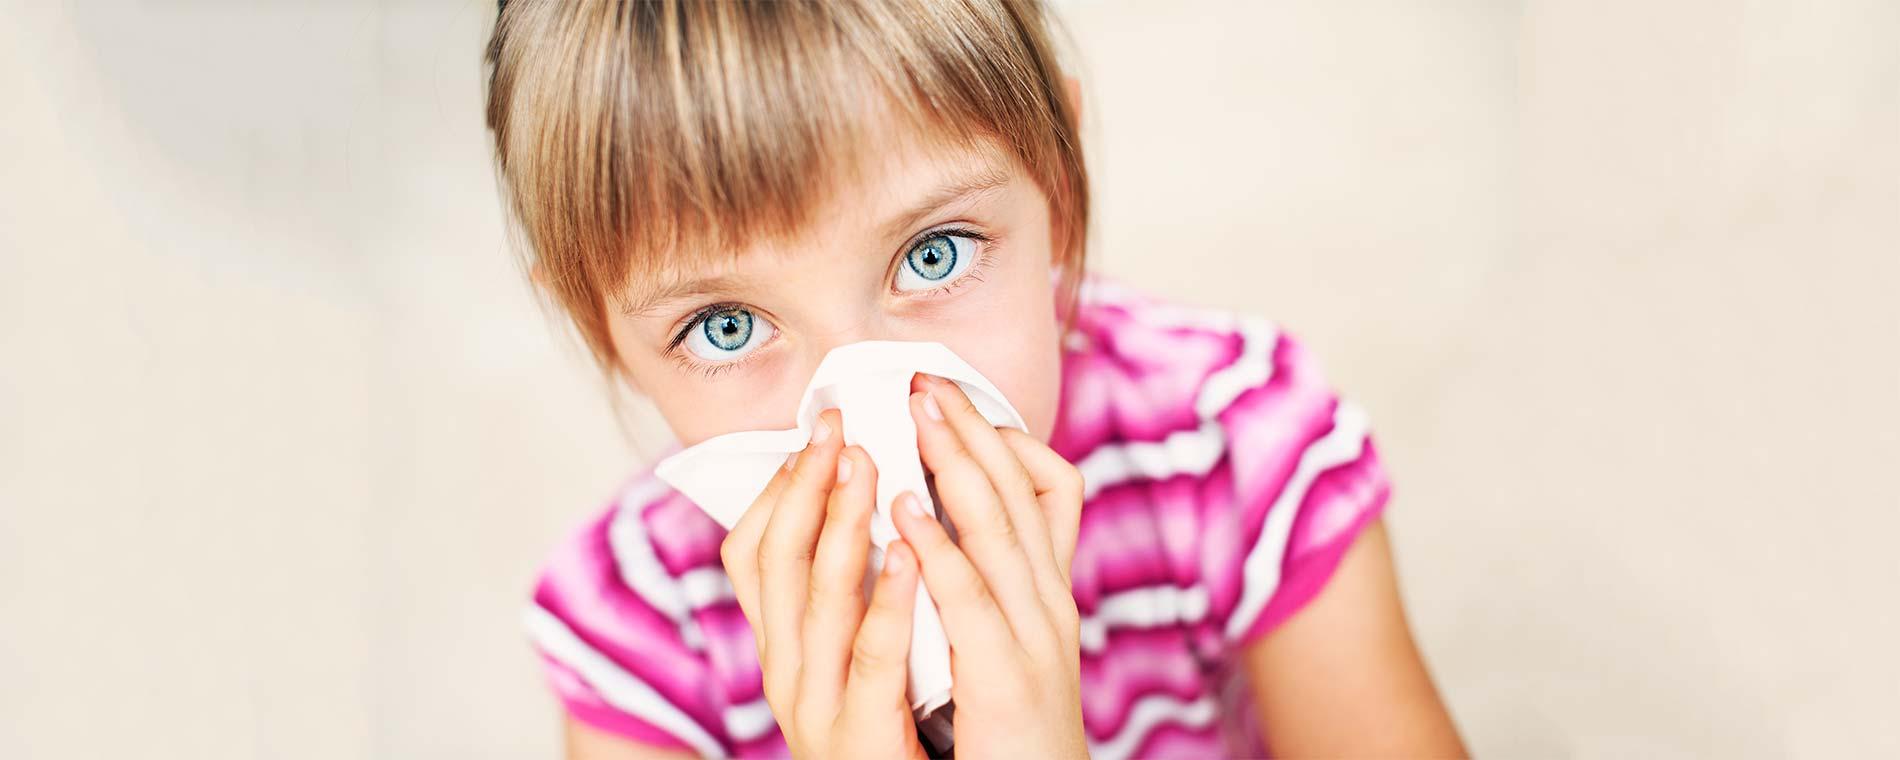 Kind mit Taschentuch vor der Nase